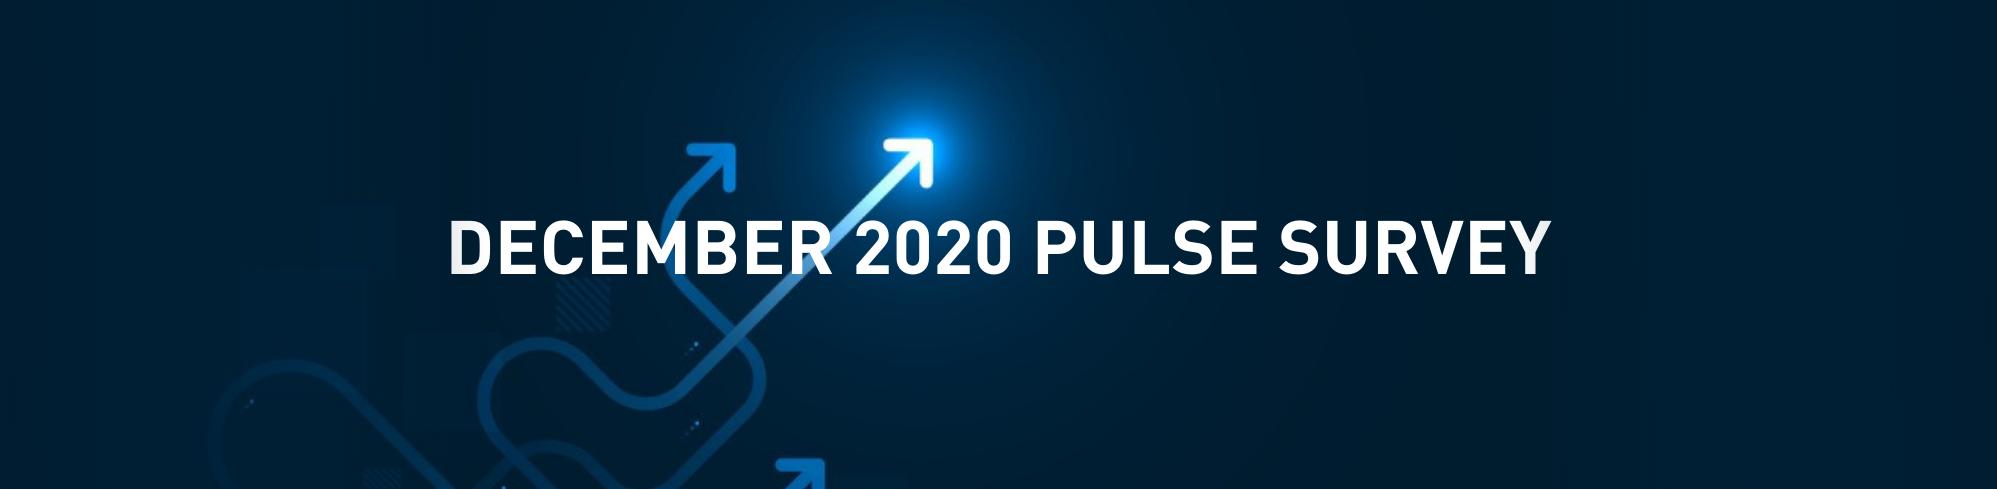 December Pulse Survey